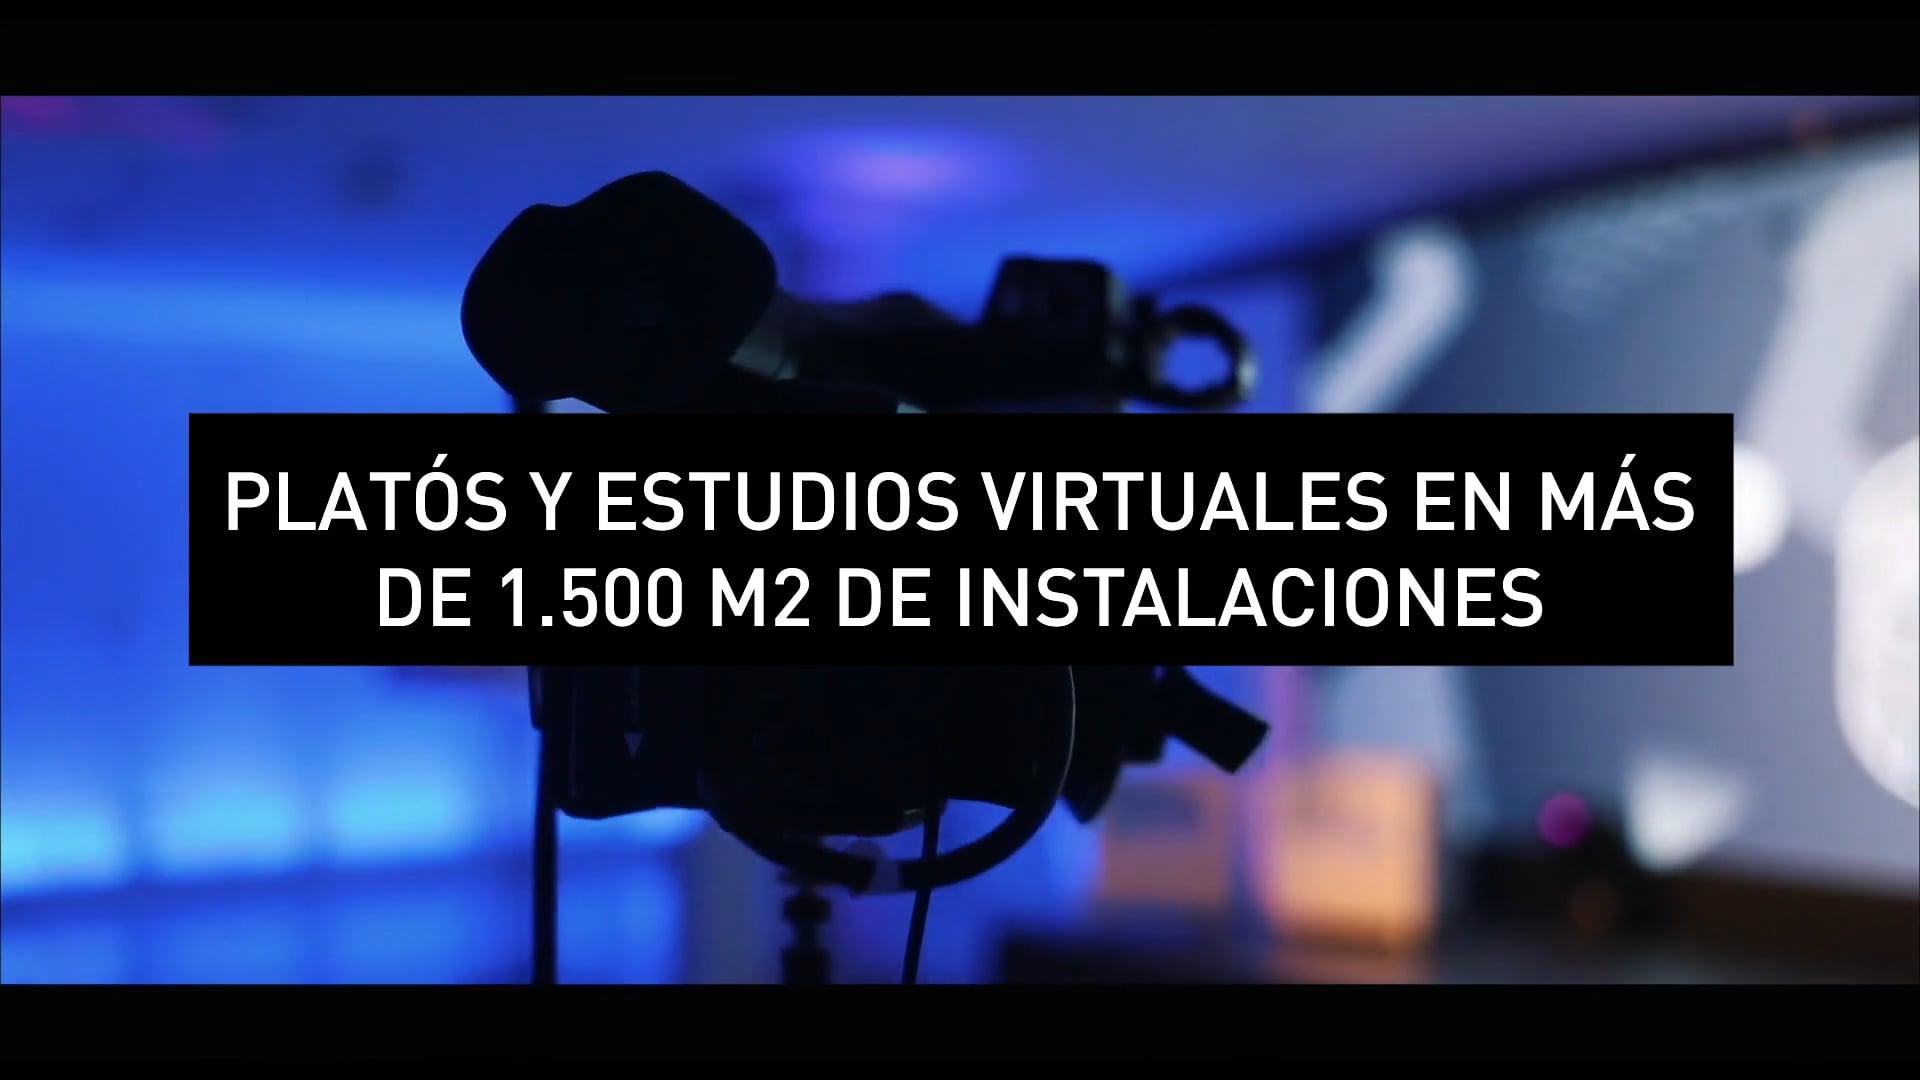 NEPTUNO VIRTUAL HUB - Estudio de Eventos Virtuales e Híbridos en el centro de Madrid